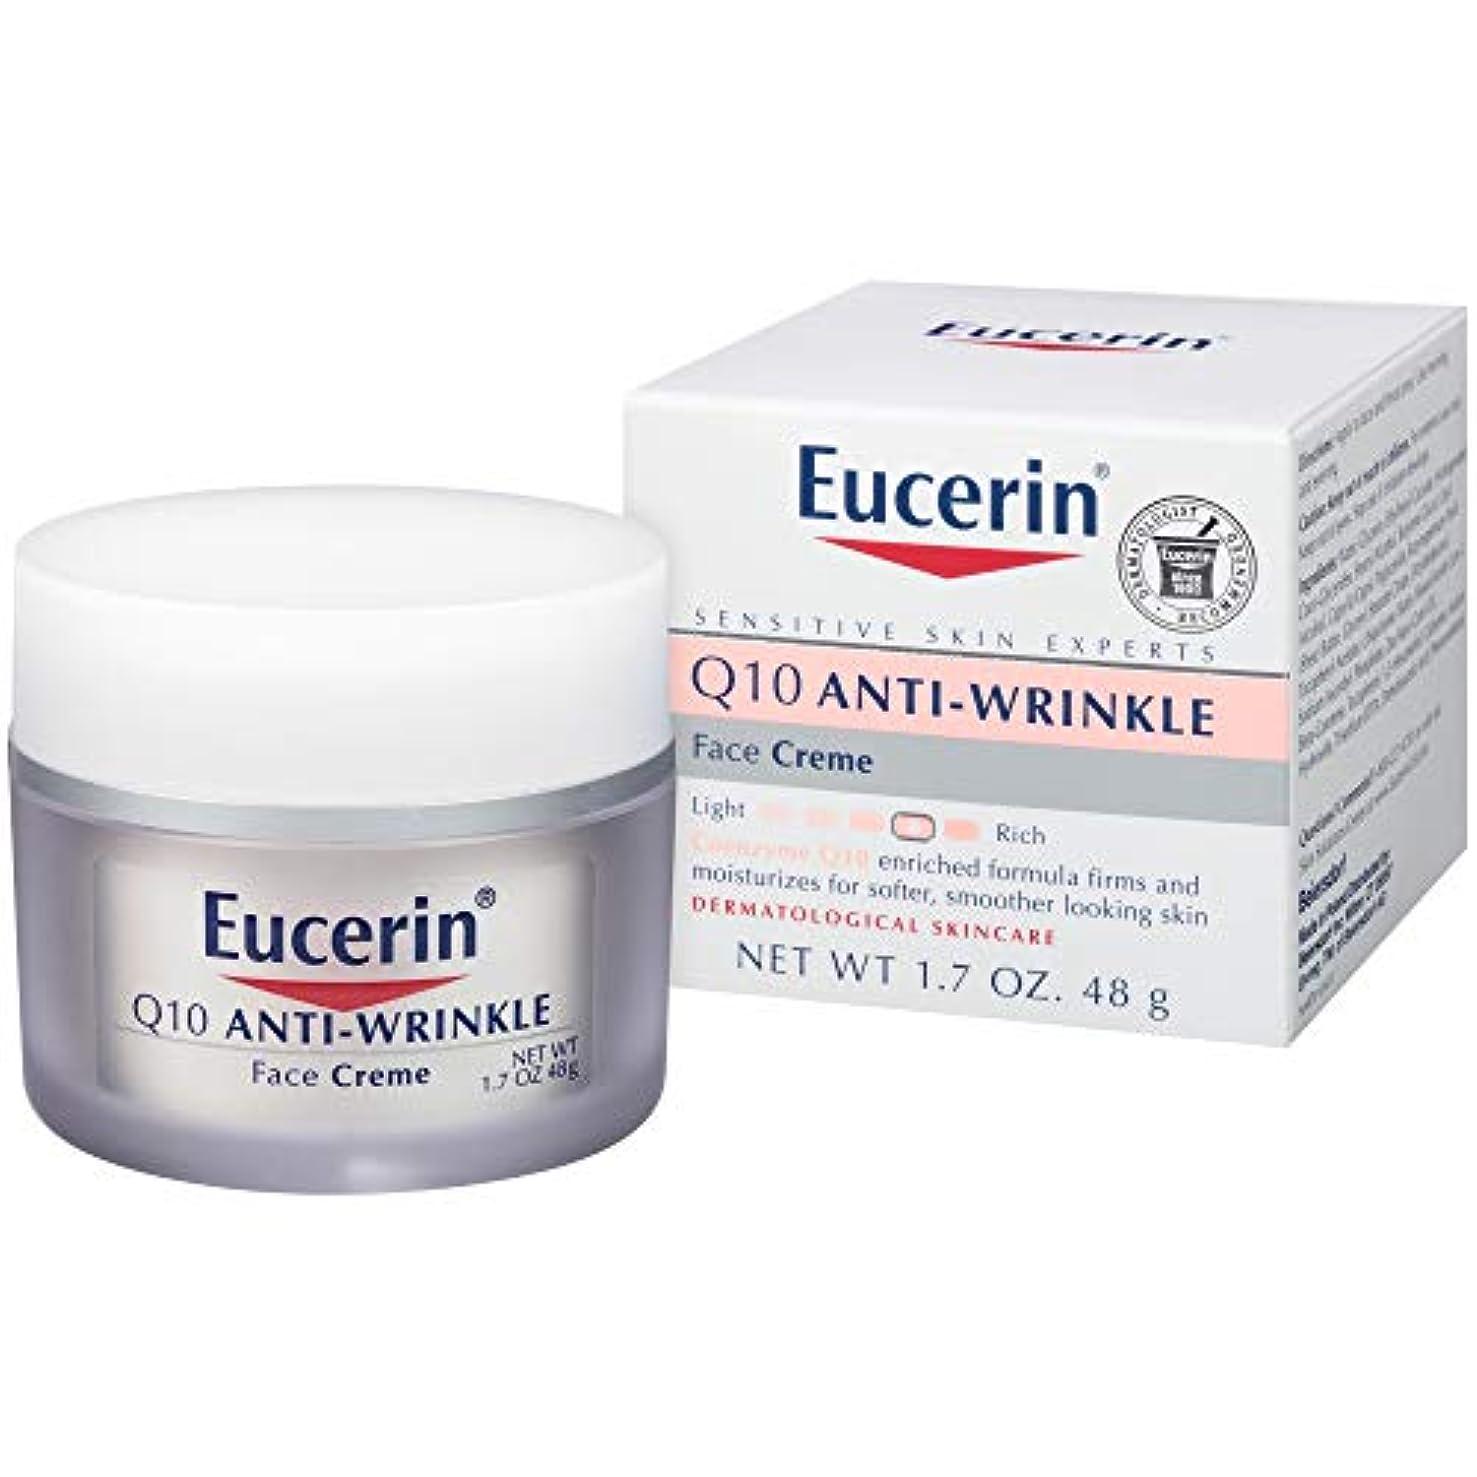 流出シュガー韓国Eucerin Sensitive Facial Skin Q10 Anti-Wrinkle Sensitive Skin Creme 48g (並行輸入品)